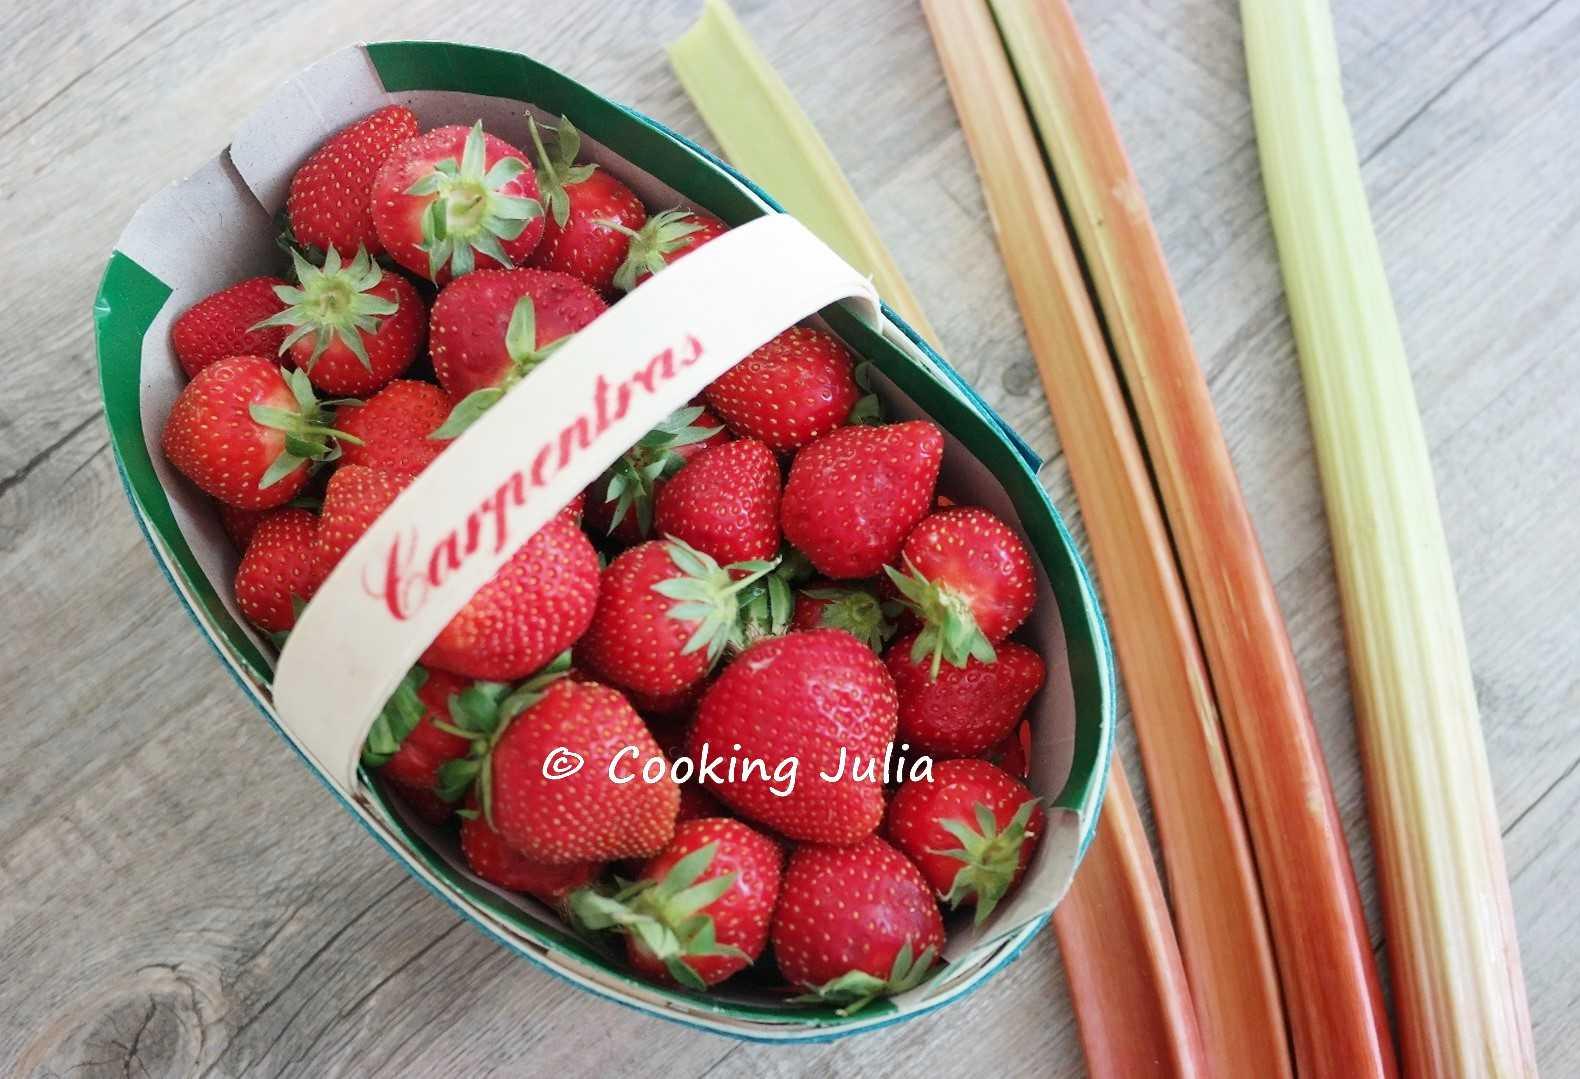 cooking julia : confiture fraises-rhubarbe aux graines de chia